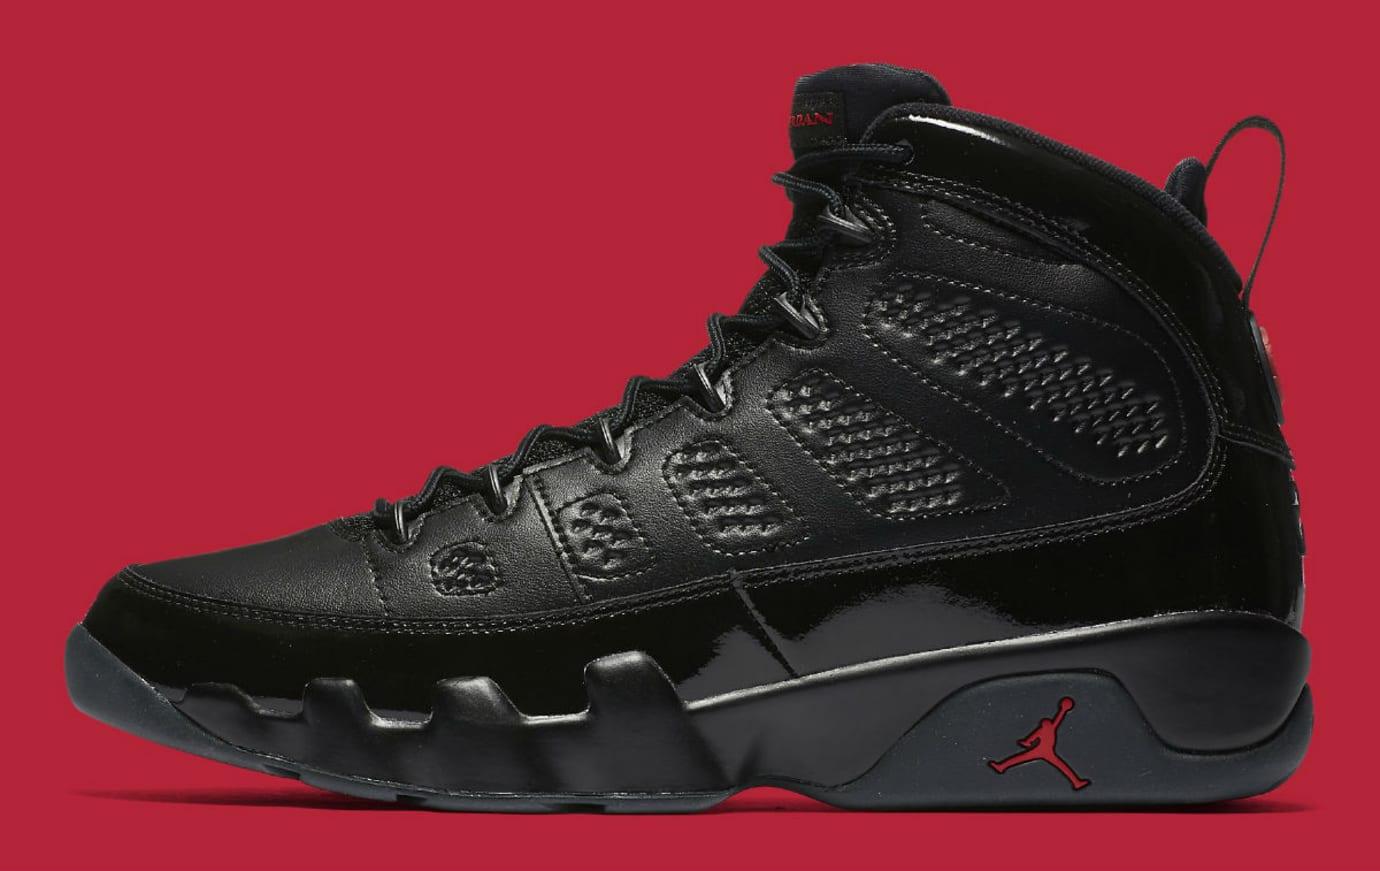 f35cd2a9a733d6 Air Jordan 9 IX Bred Release Date 302370-014 Profile